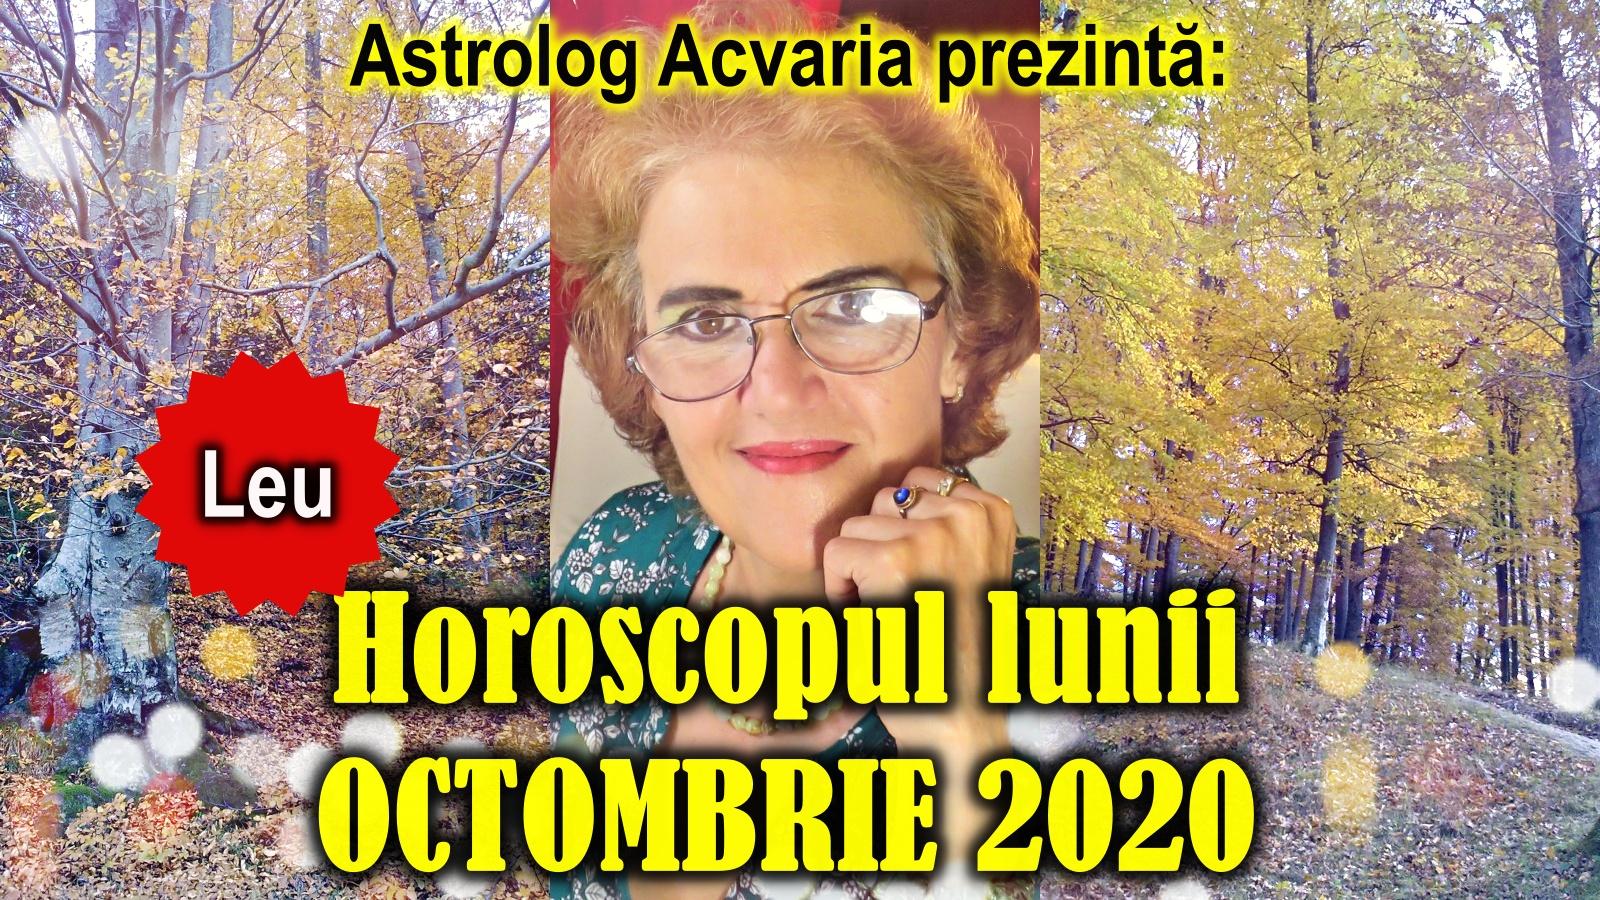 Horoscopul lunii OCTOMBRIE * Zodia LEULUI